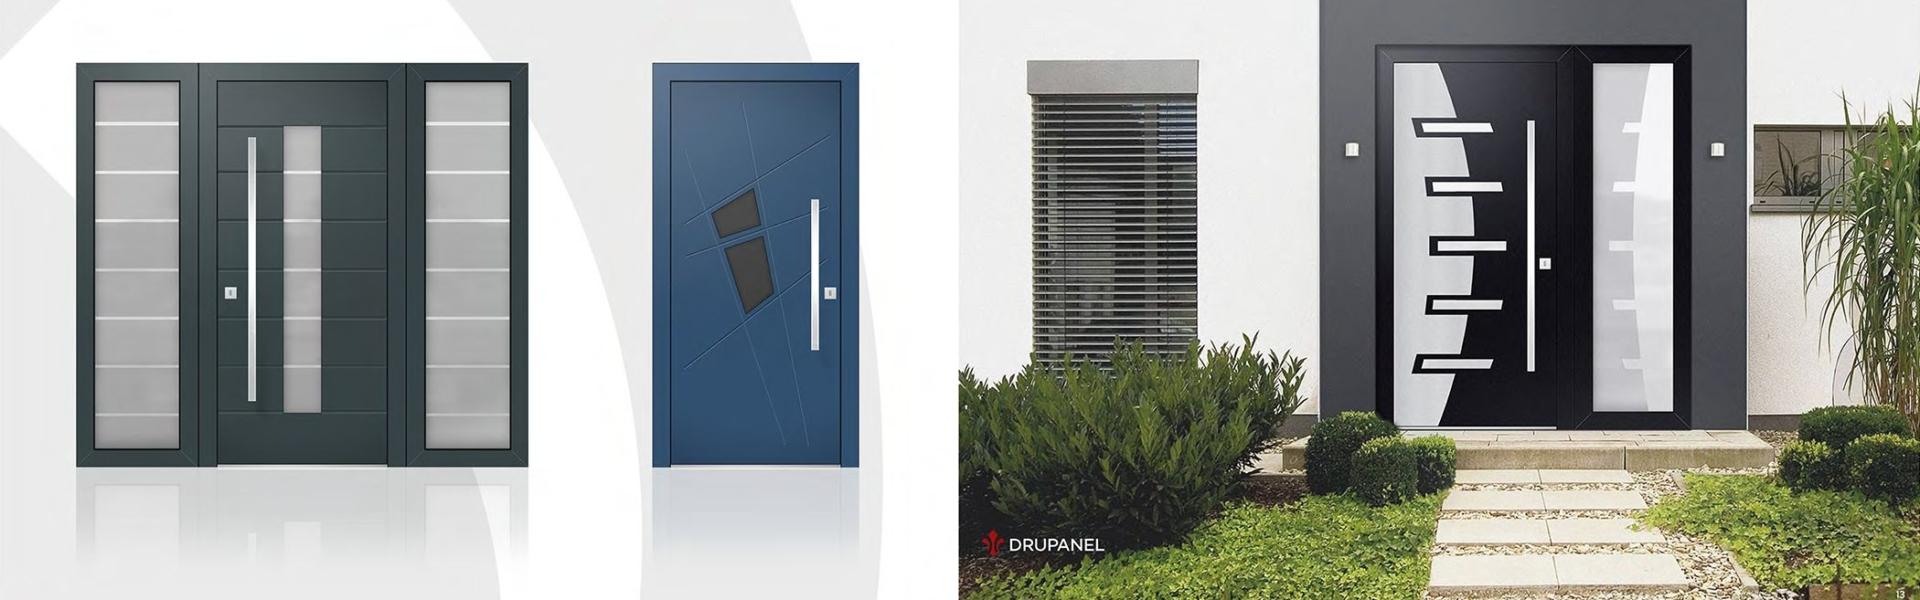 Uși pentru interior și exterior